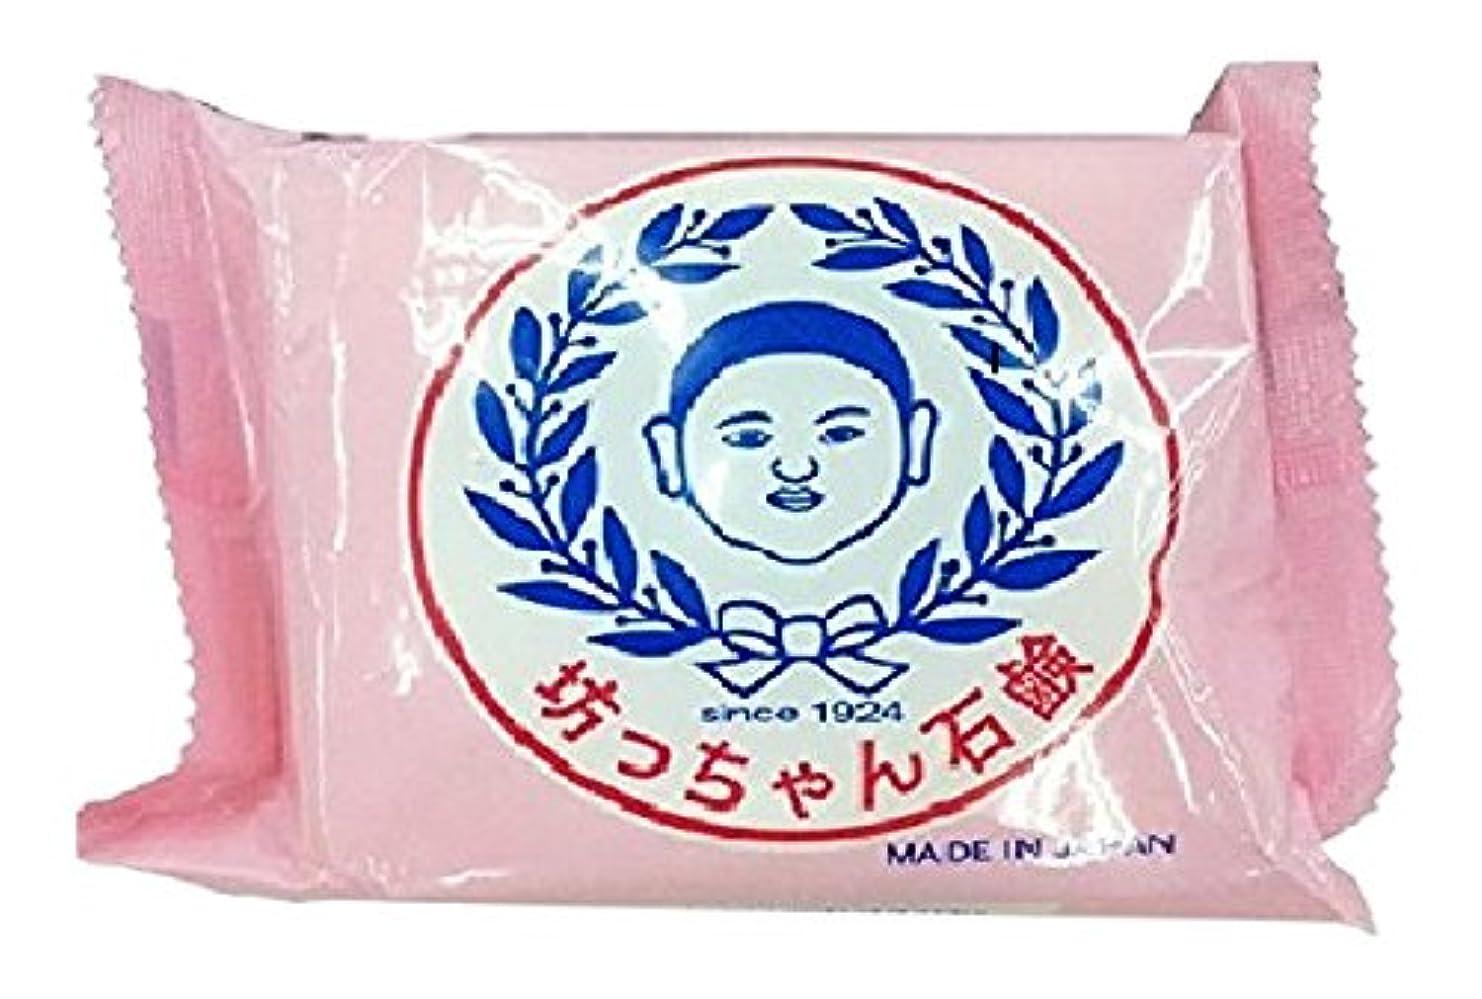 致命的なそこ禁止する坊っちゃん石鹸 釜出し一番 175g